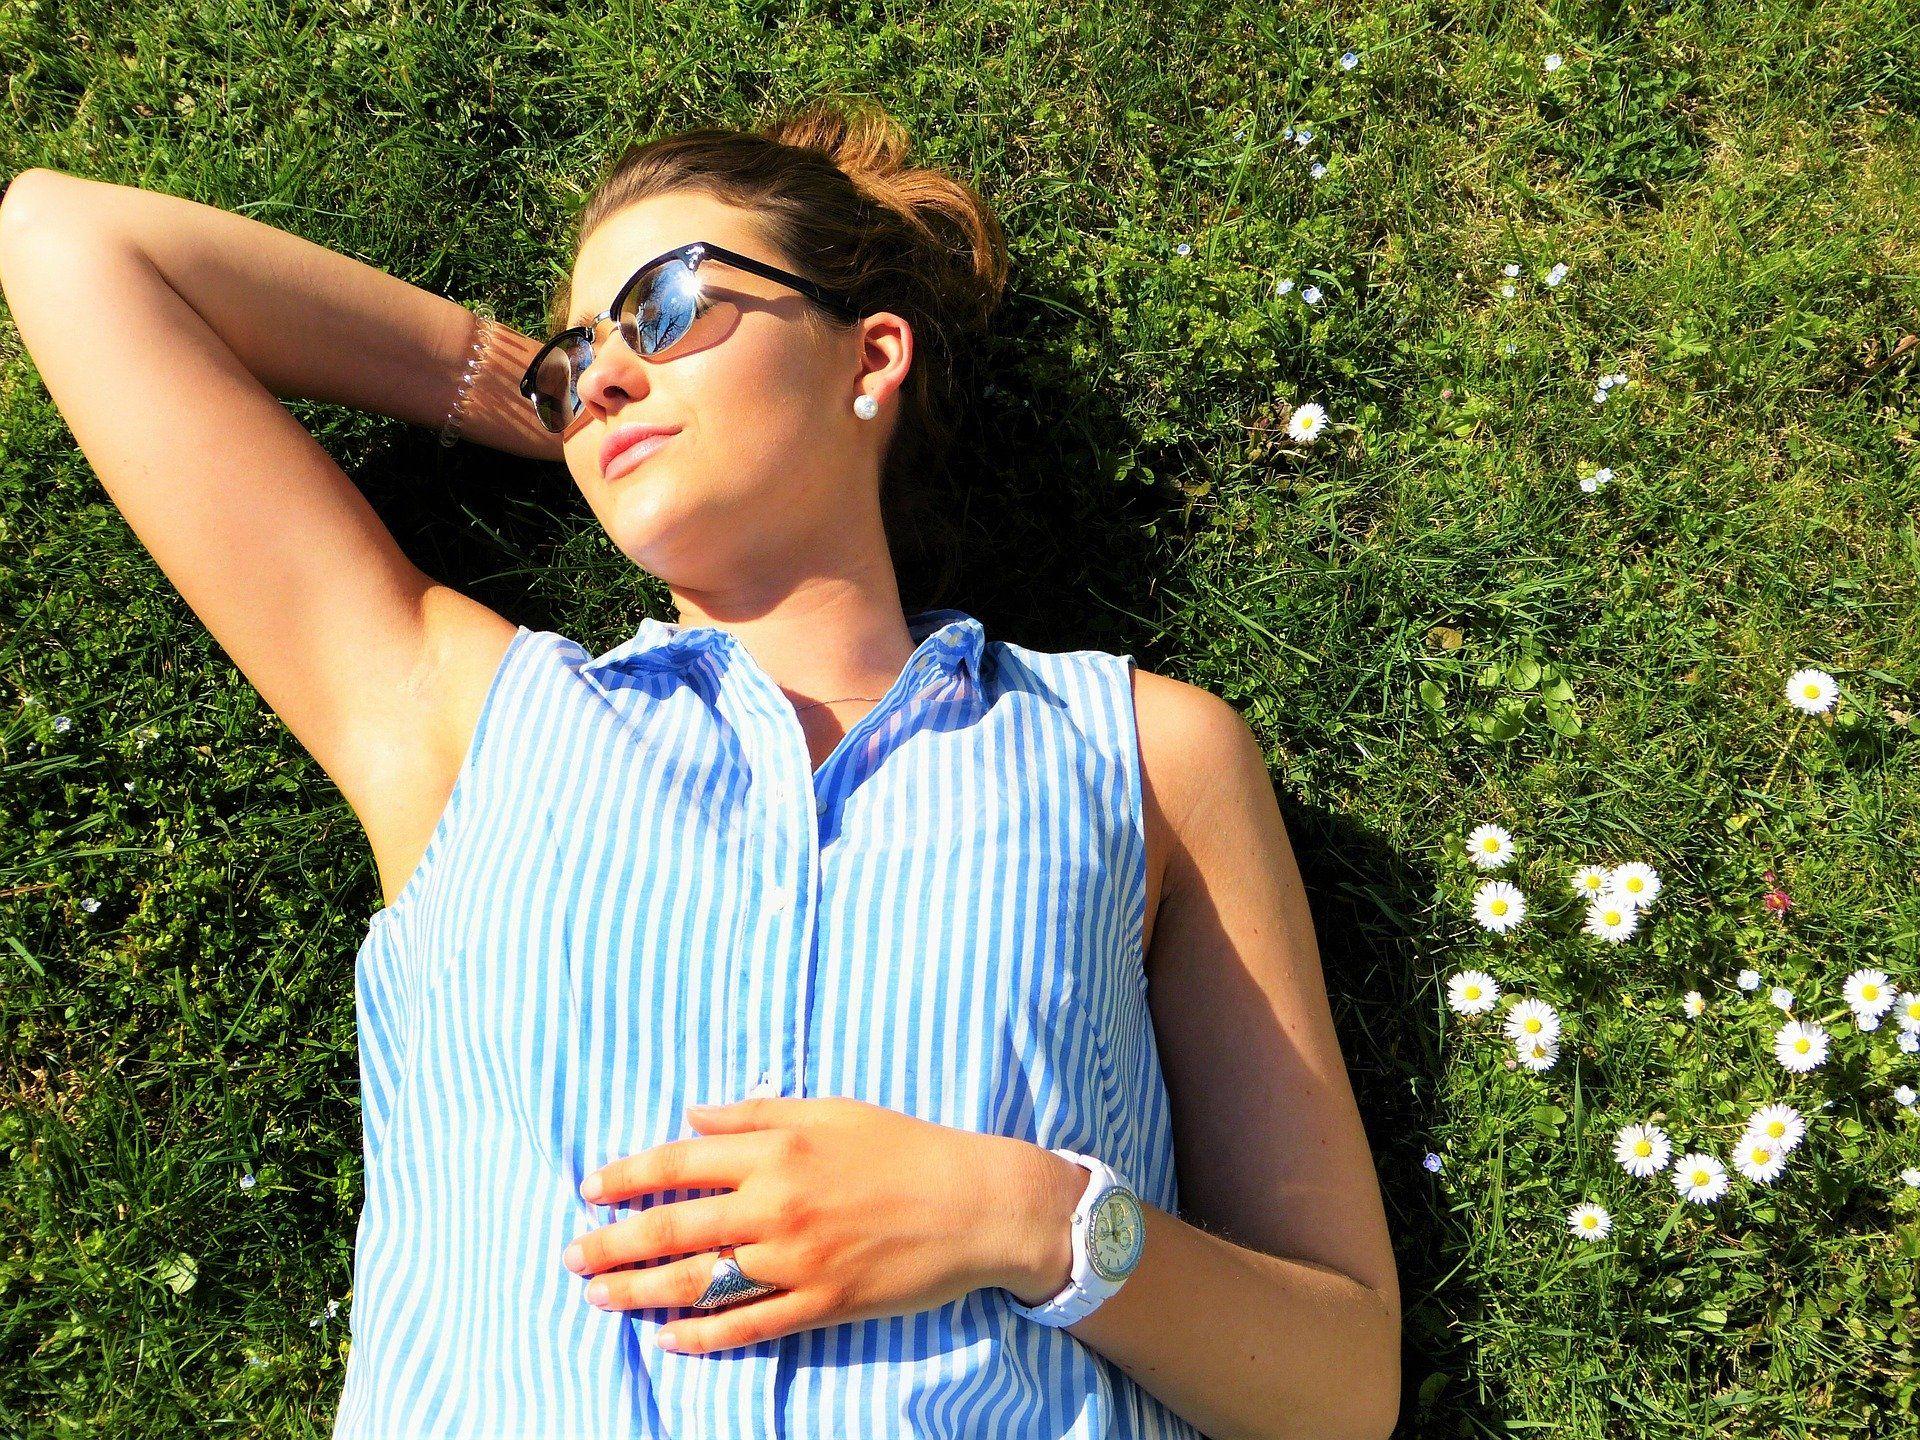 Entspannt und sorgenfrei die Sonne geniessen